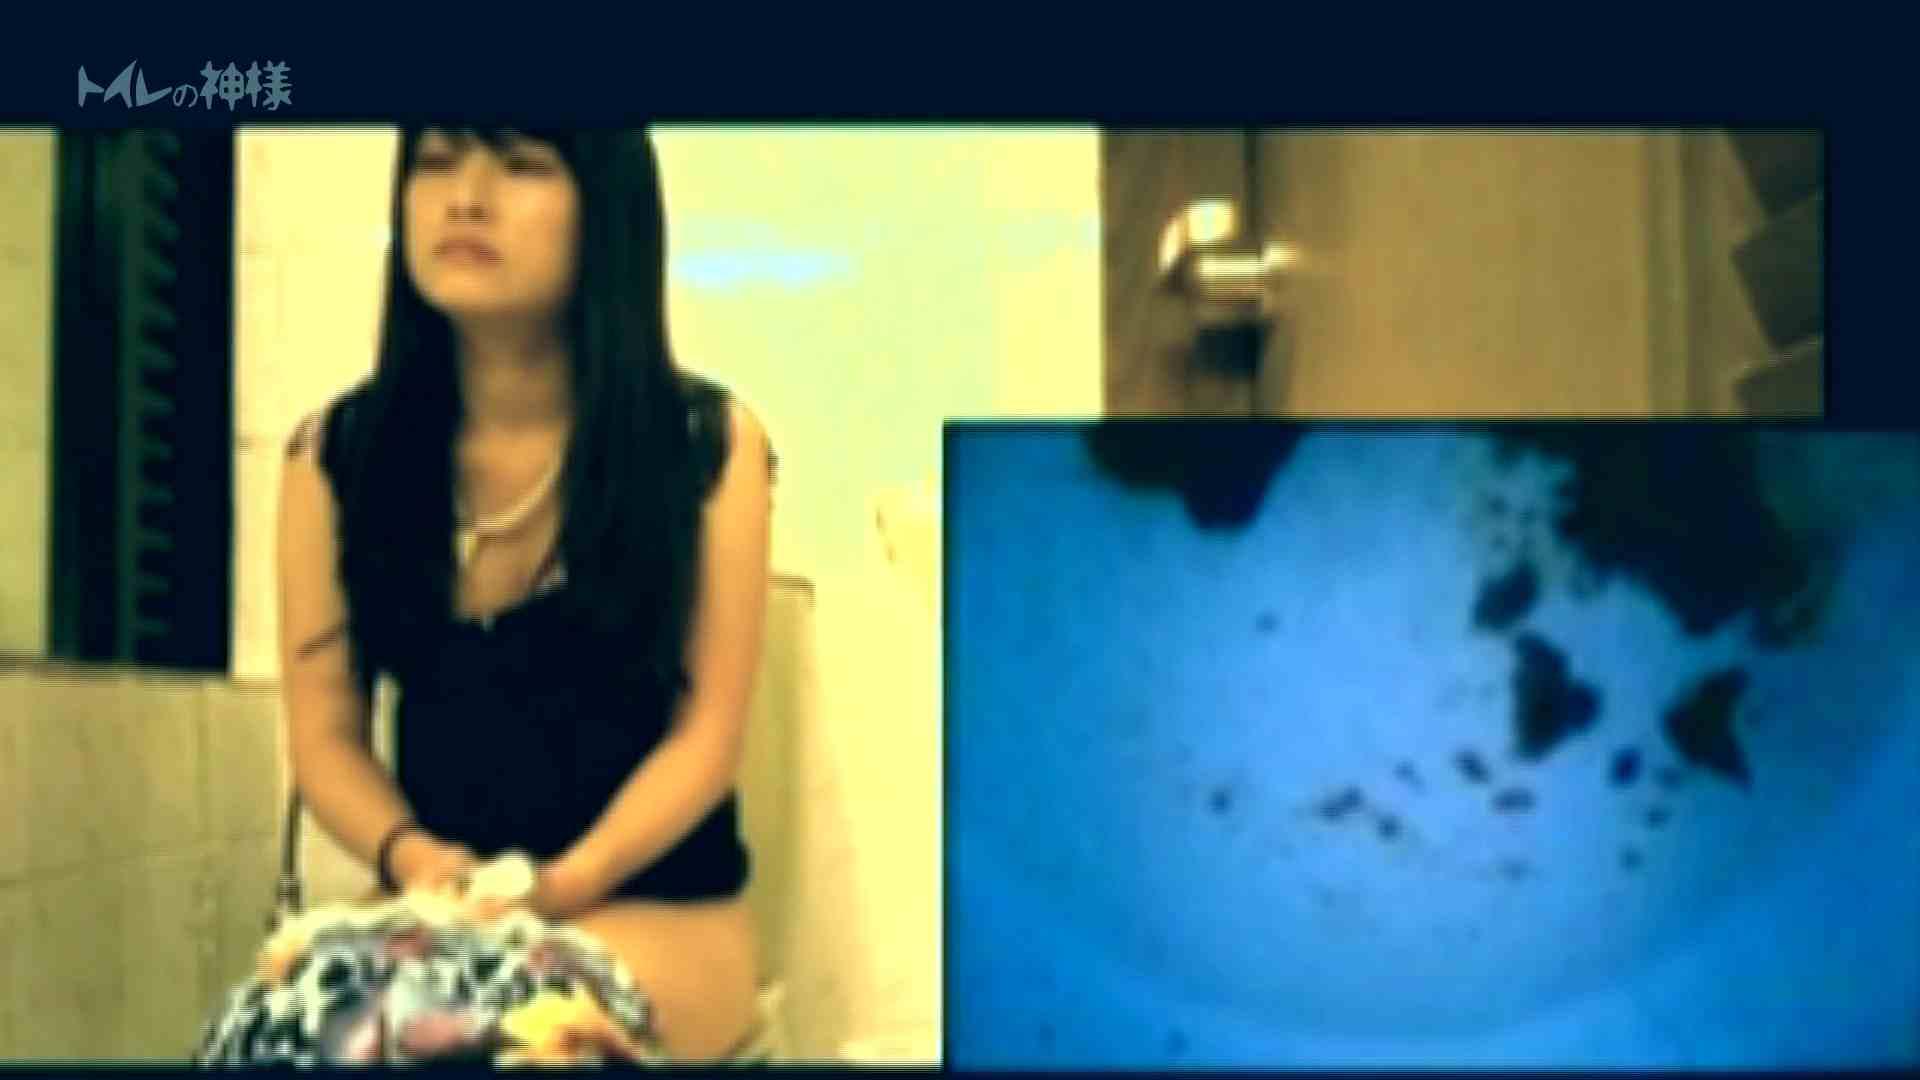 トイレの神様 Vol.01 花の女子大生うんこ盗撮1 色っぽい女子大生 AV無料 59pic 54